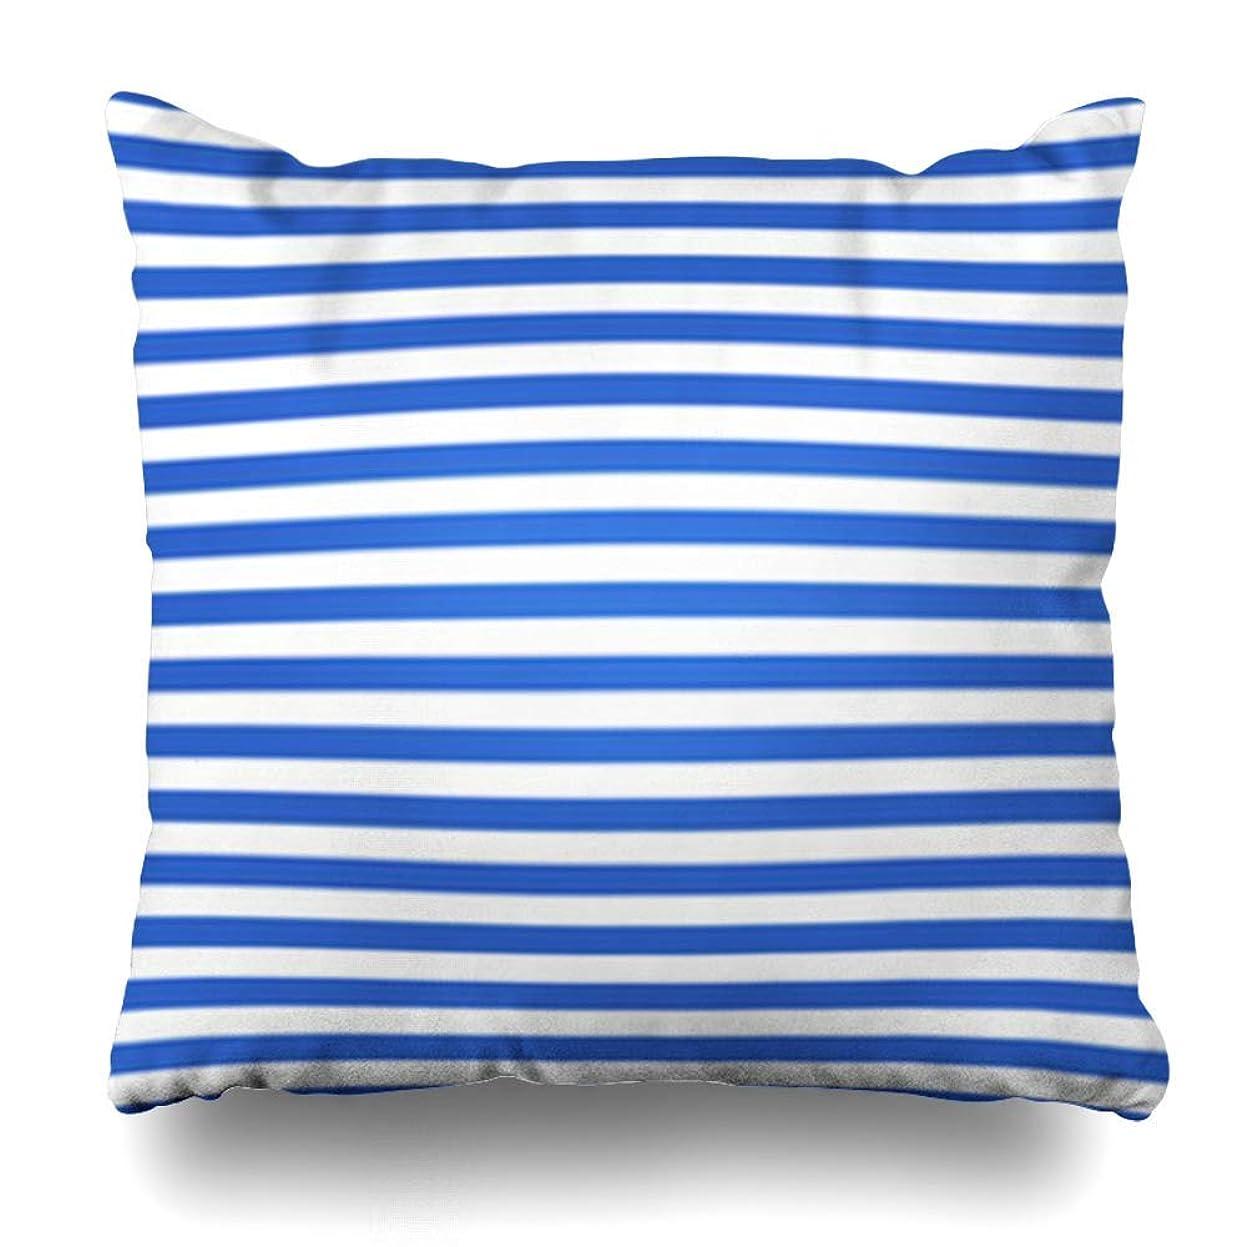 計画ネズミマーク枕カバーの形を投げる抽象シェブロン幾何学模様ランダムな色の見本5色のみ簡単に色を変える低インテリアソファ枕カバースクエアサイズ18 * 18インチクッションケース